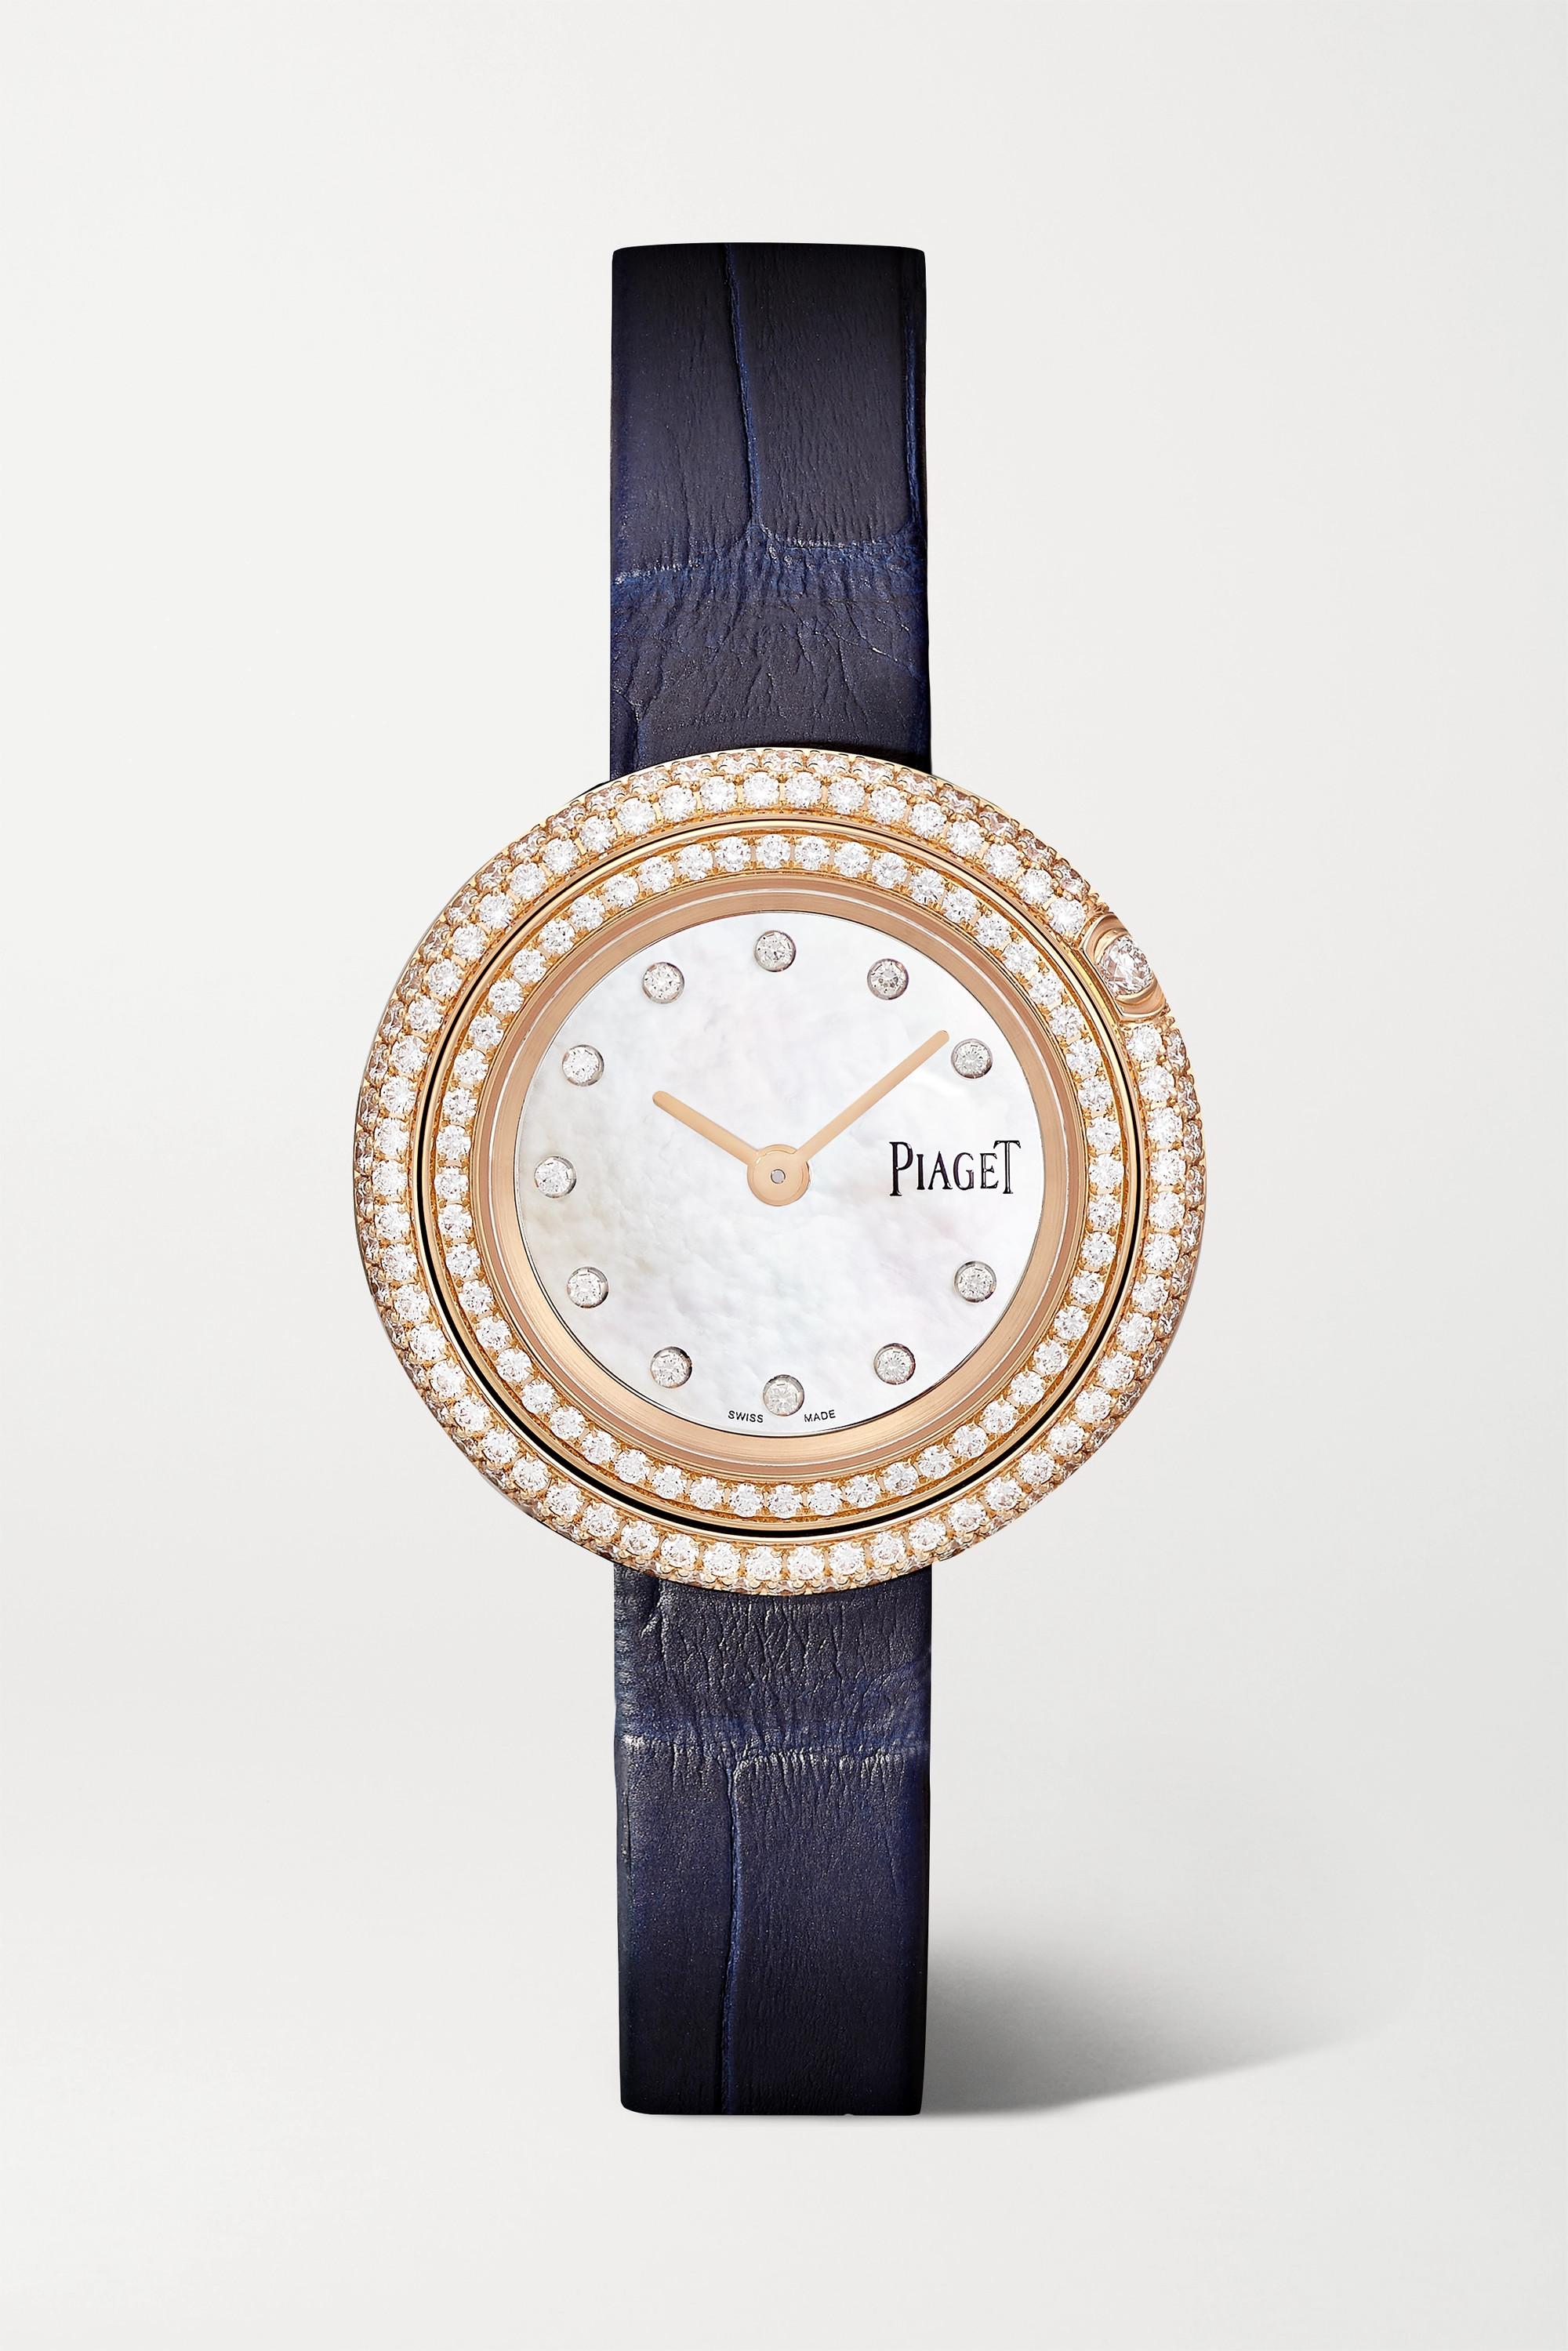 Piaget Possession 29 mm Uhr aus 18 Karat Roségold mit Diamanten und Alligatorlederarmband